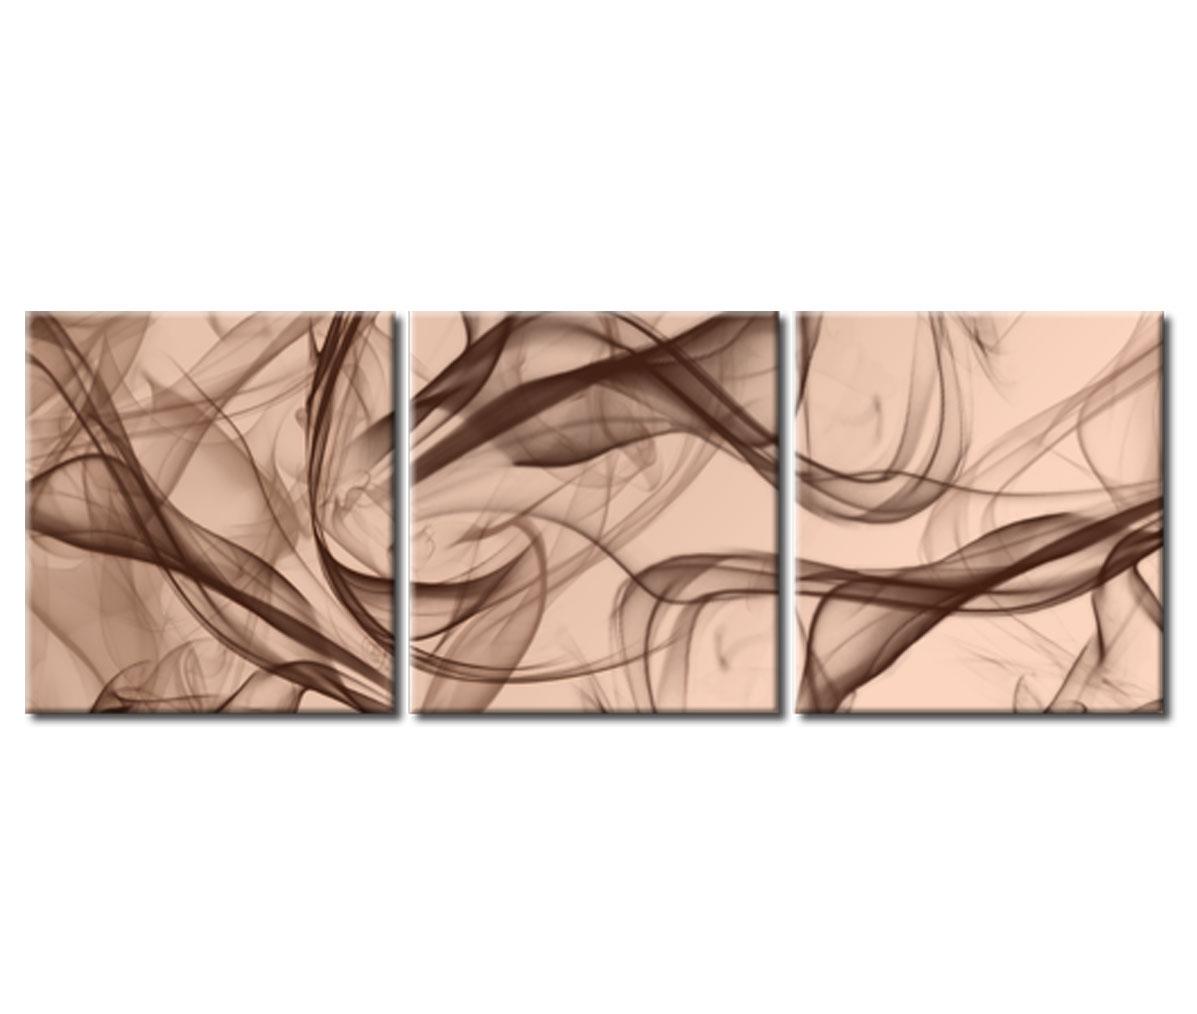 Картина Аромат спокойствияКартины<br>Модульная картина из 3-х частей с декоративной фактурной обработкой&amp;lt;div&amp;gt;&amp;lt;br&amp;gt;&amp;lt;/div&amp;gt;&amp;lt;div&amp;gt;Материал:&amp;amp;nbsp;натуральный холст, деревянный подрамник, лак,итальянский фактурный гель&amp;lt;br&amp;gt;&amp;lt;/div&amp;gt;<br><br>Material: Холст<br>Width см: 169<br>Depth см: 3<br>Height см: 60